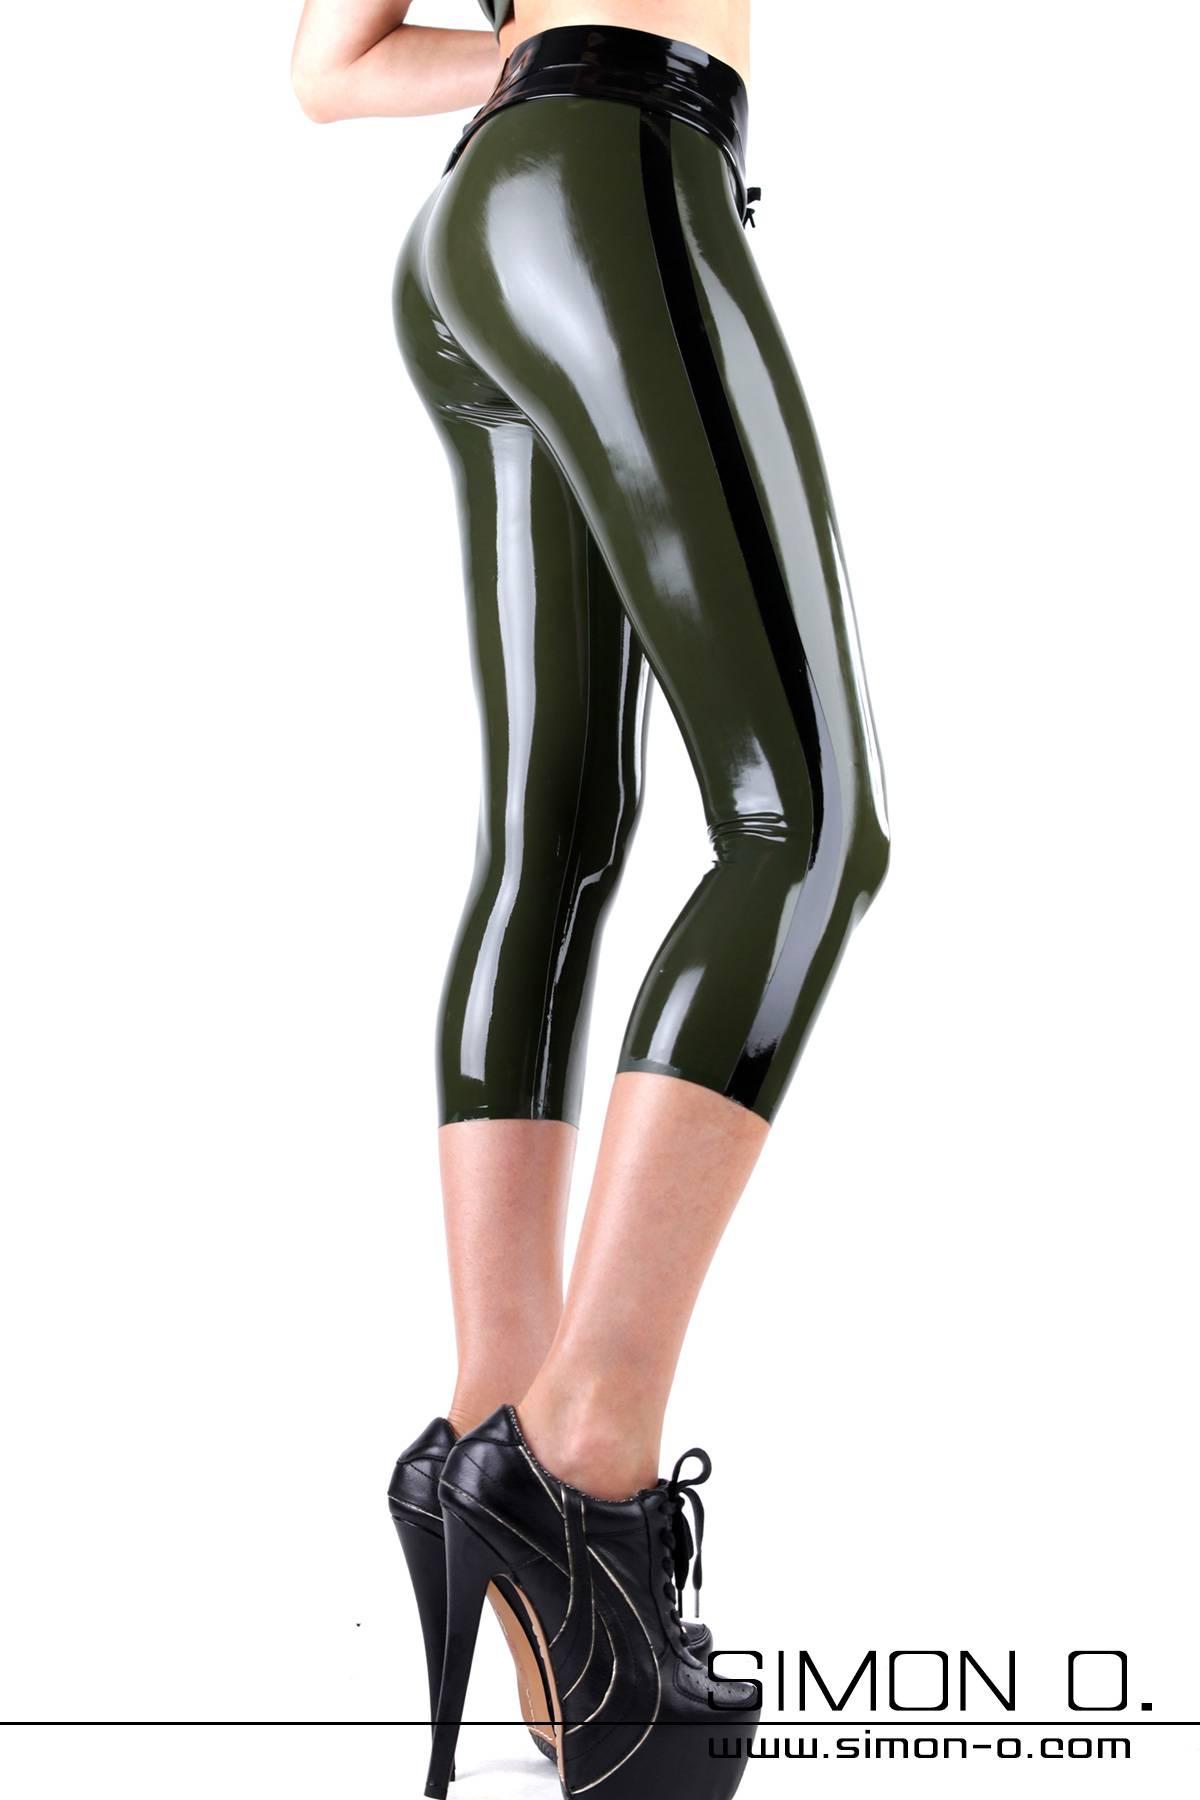 Dreiviertel Latex Leggings als Street und Clubwear Die Dreiviertel-Leggings zeigt Bein – und sie macht durch Ihren Schnitt, der der sommerlichen Caprihose …